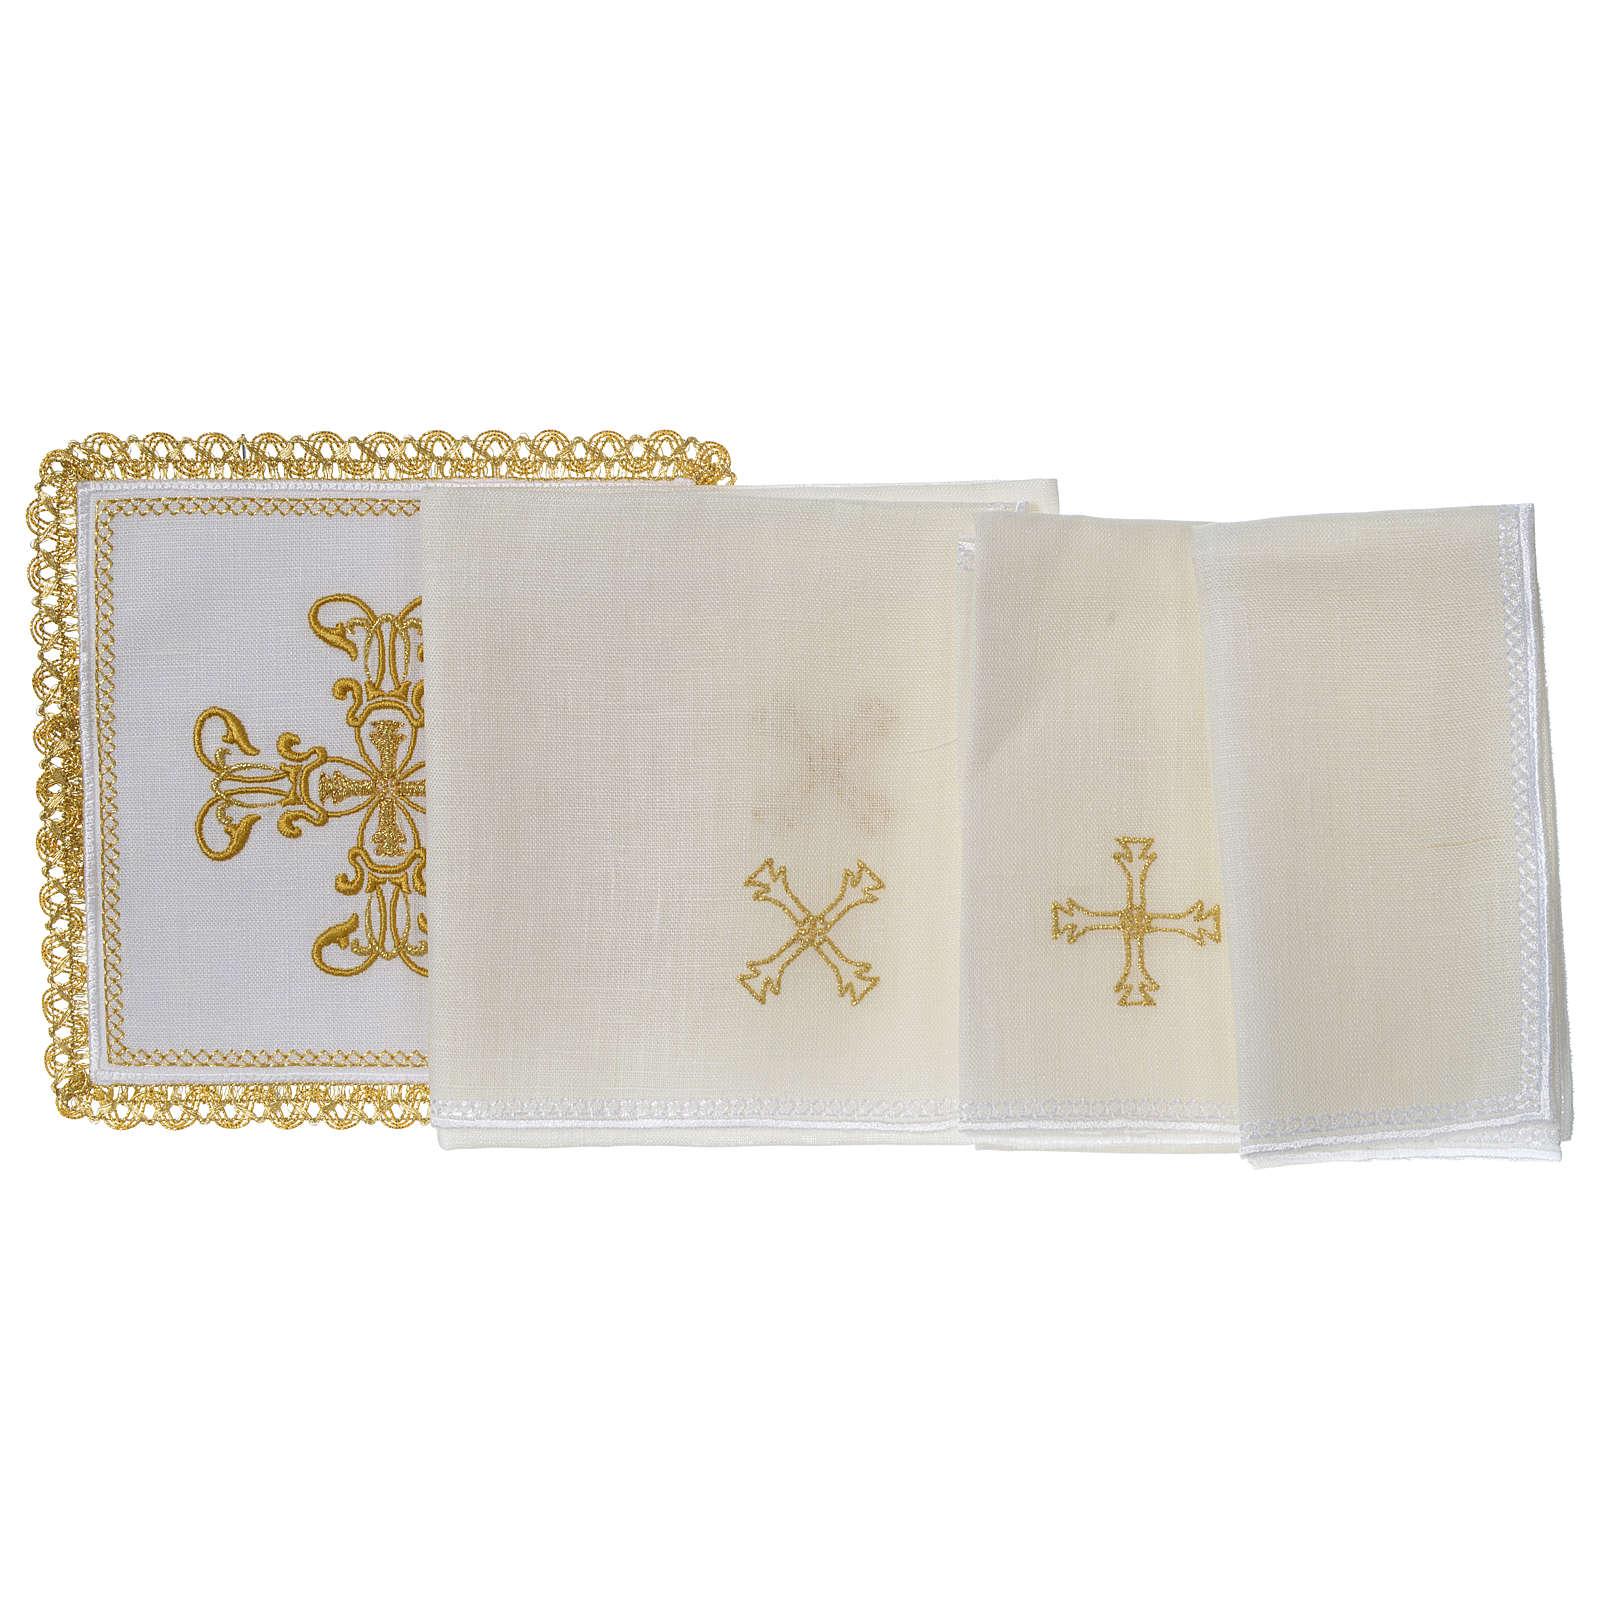 Servizio da altare 100% lino croce oro 4